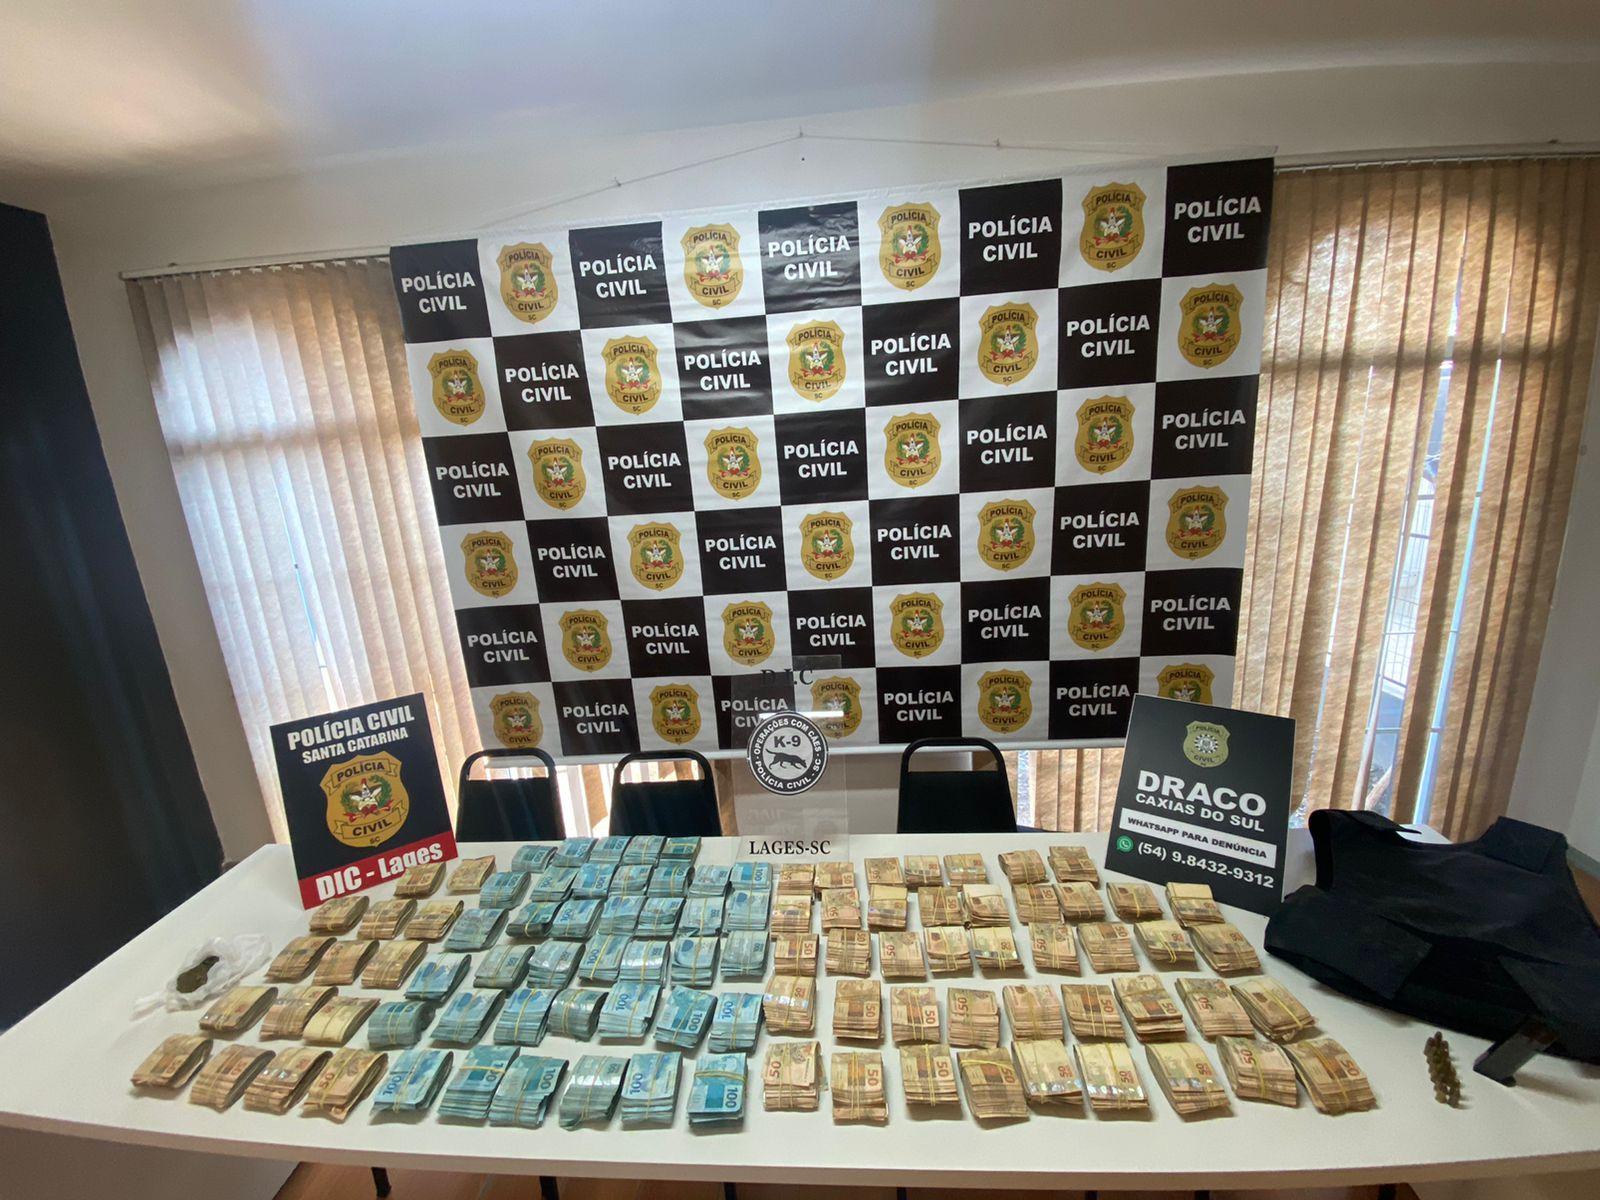 Três pessoas são presas e R$ 800 mil é apreendido em operação da DRACO com apoio da Polícia Civil de SC